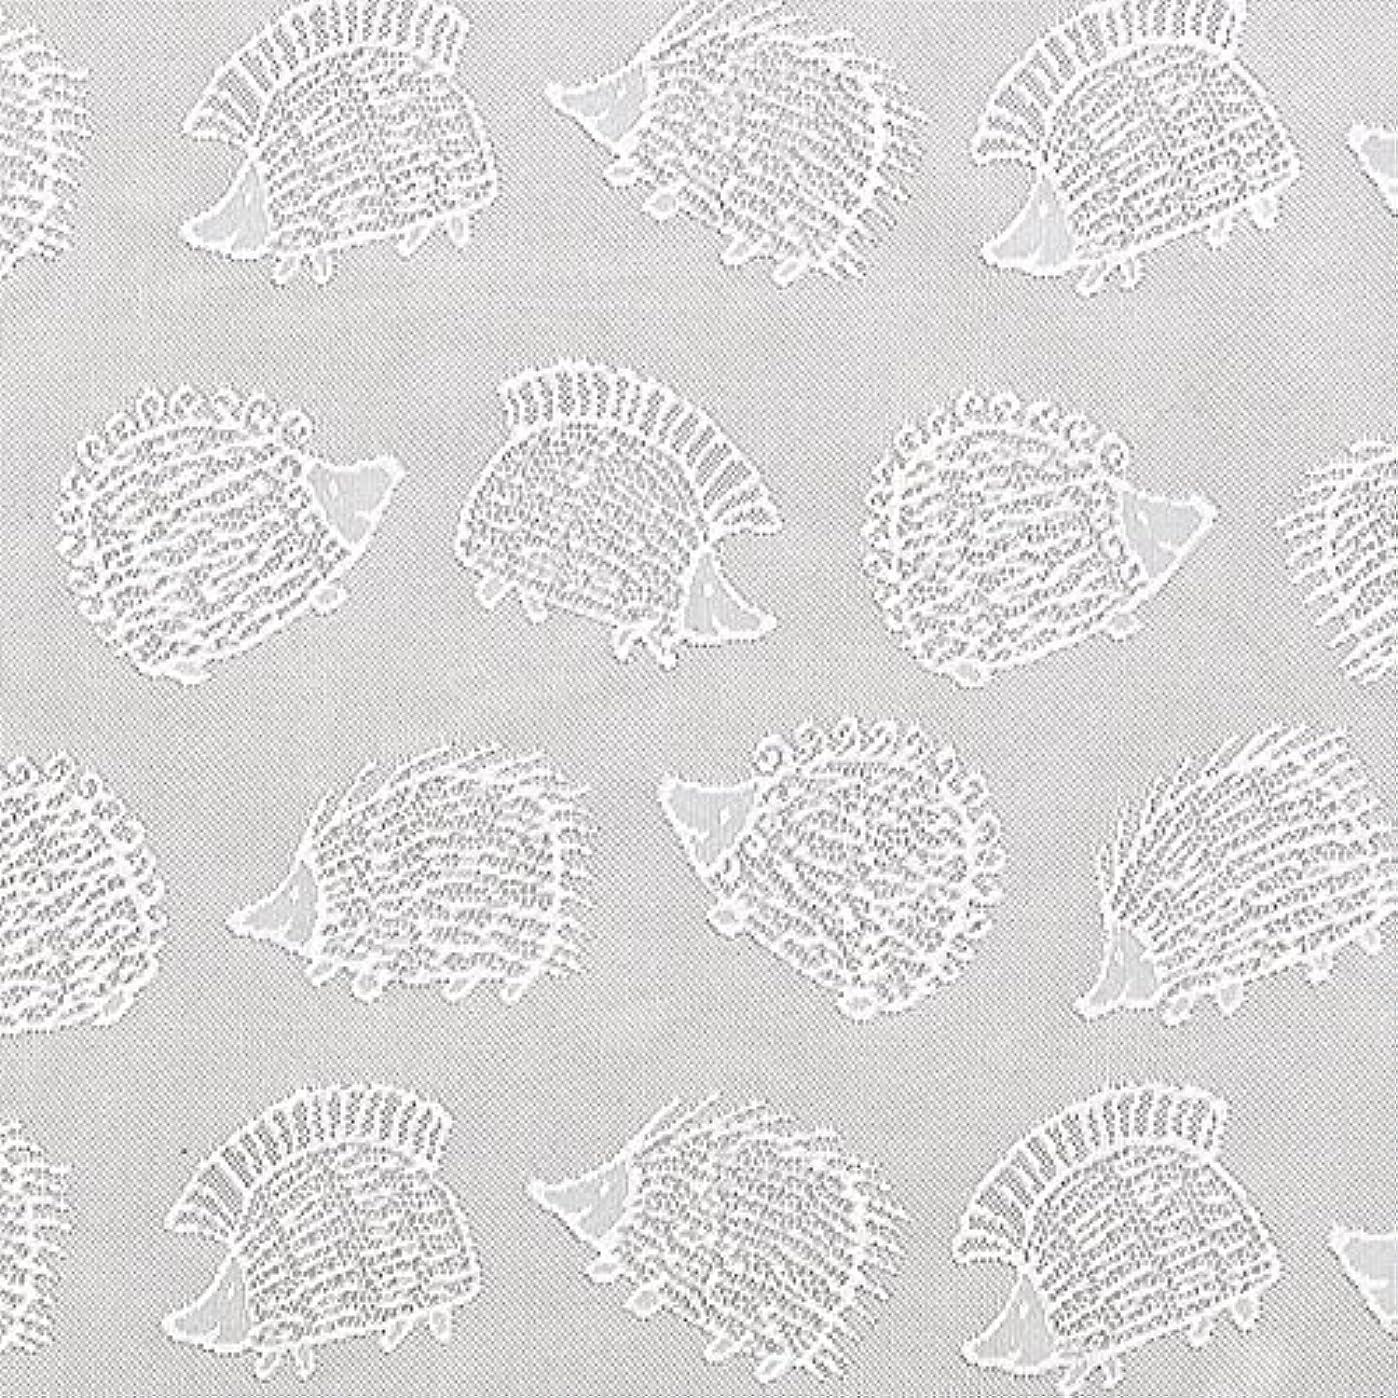 満足できる上に築きます急性【2枚組】 洗えるジャガードレースカーテン リサラーソン ハリネズミ Lisa larson Hedgehog 巾100cm×丈206~240cm 2枚セット(210cm)